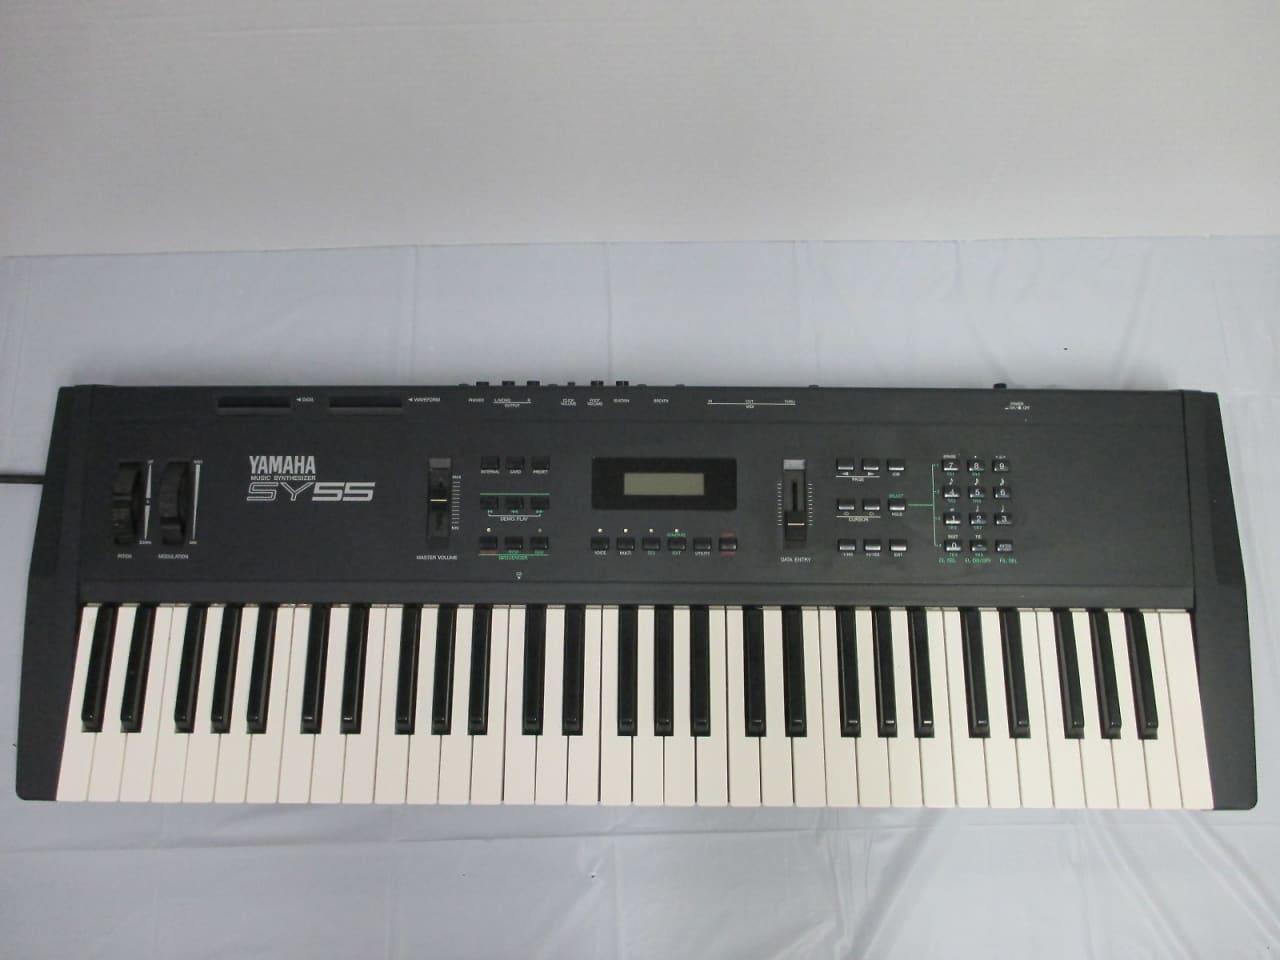 Yamaha sy55 vintage synthesizer keyboard midi piano reverb for Yamaha synthesizer keyboard